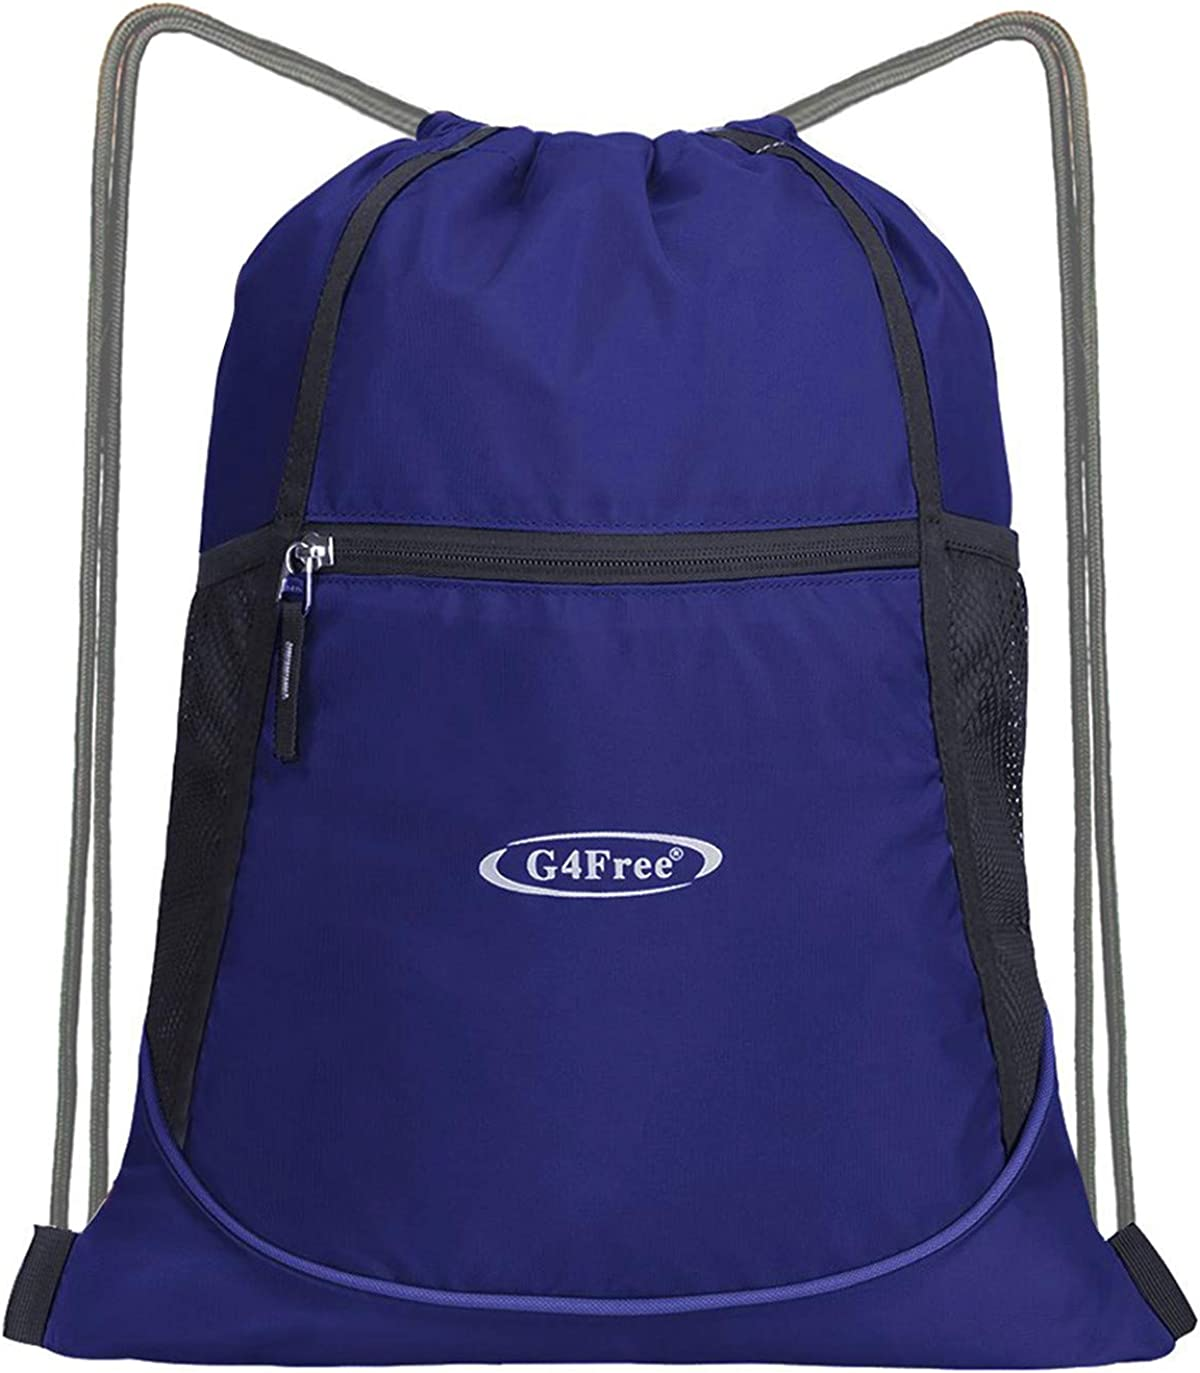 G4Free Drawstring Backpack 15L 20L String Backpack Drawstring Gym Bag Cinch Sack Pockets